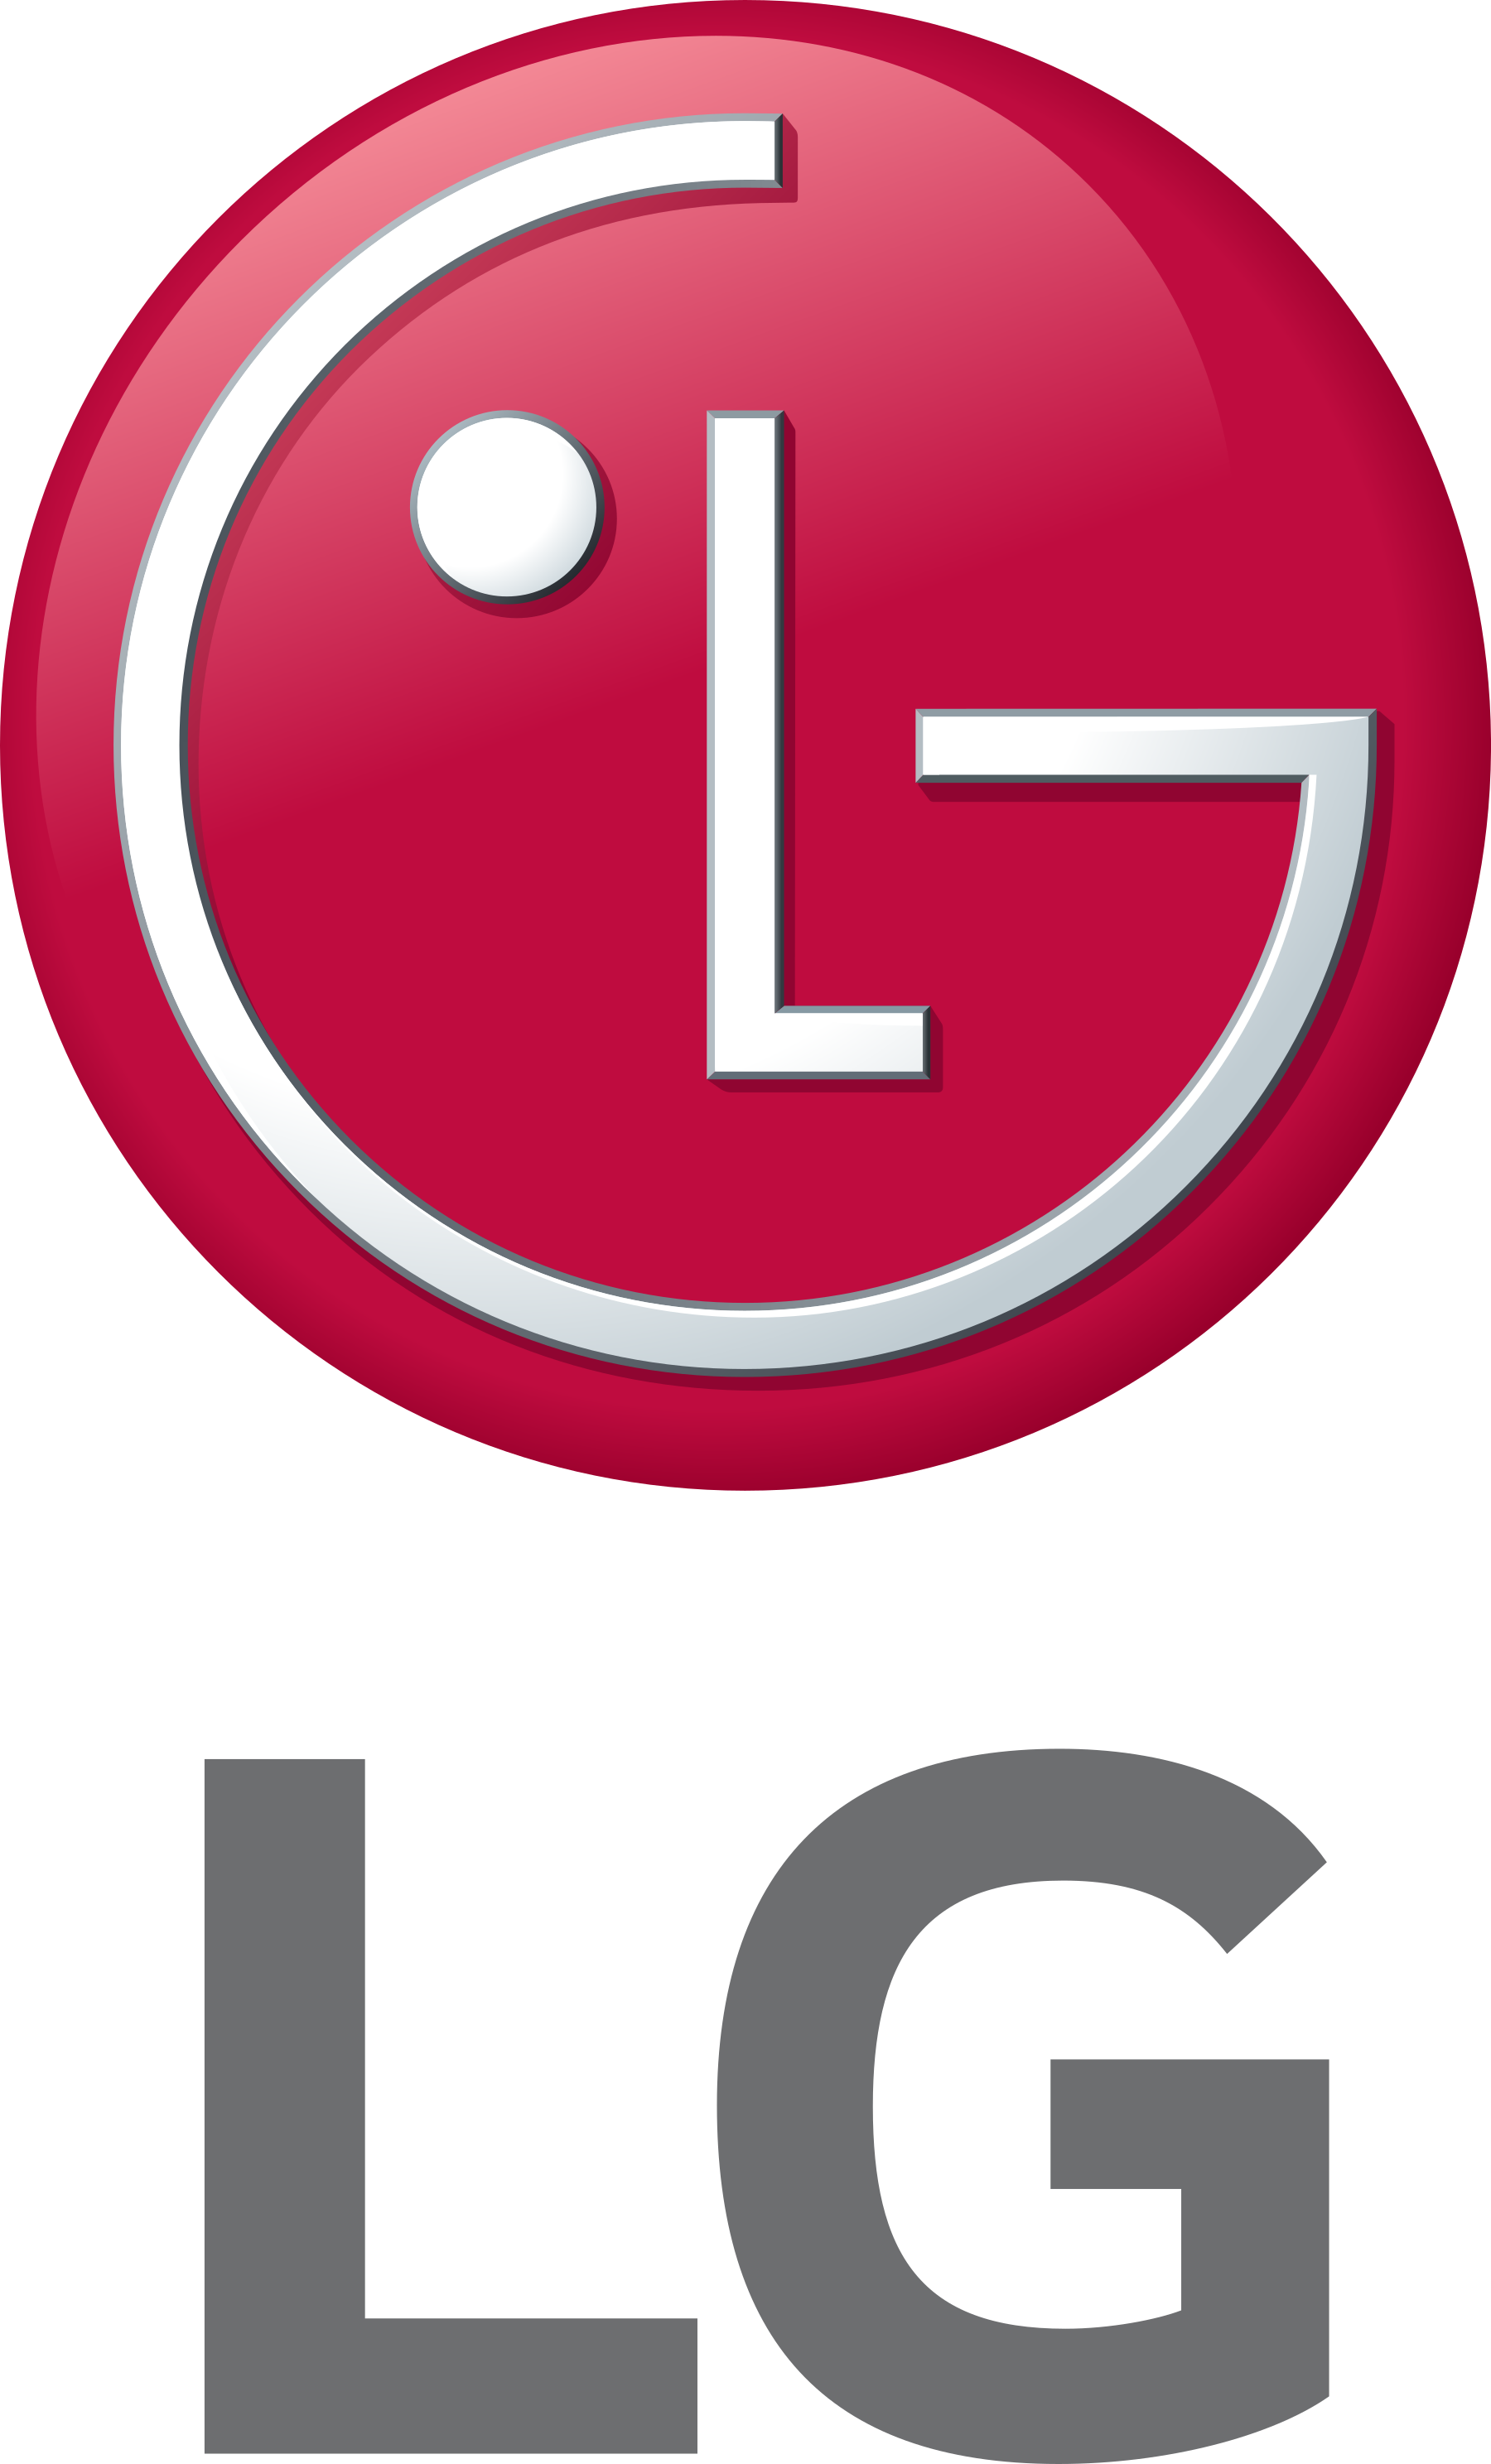 lg logo 5 - LG Logo